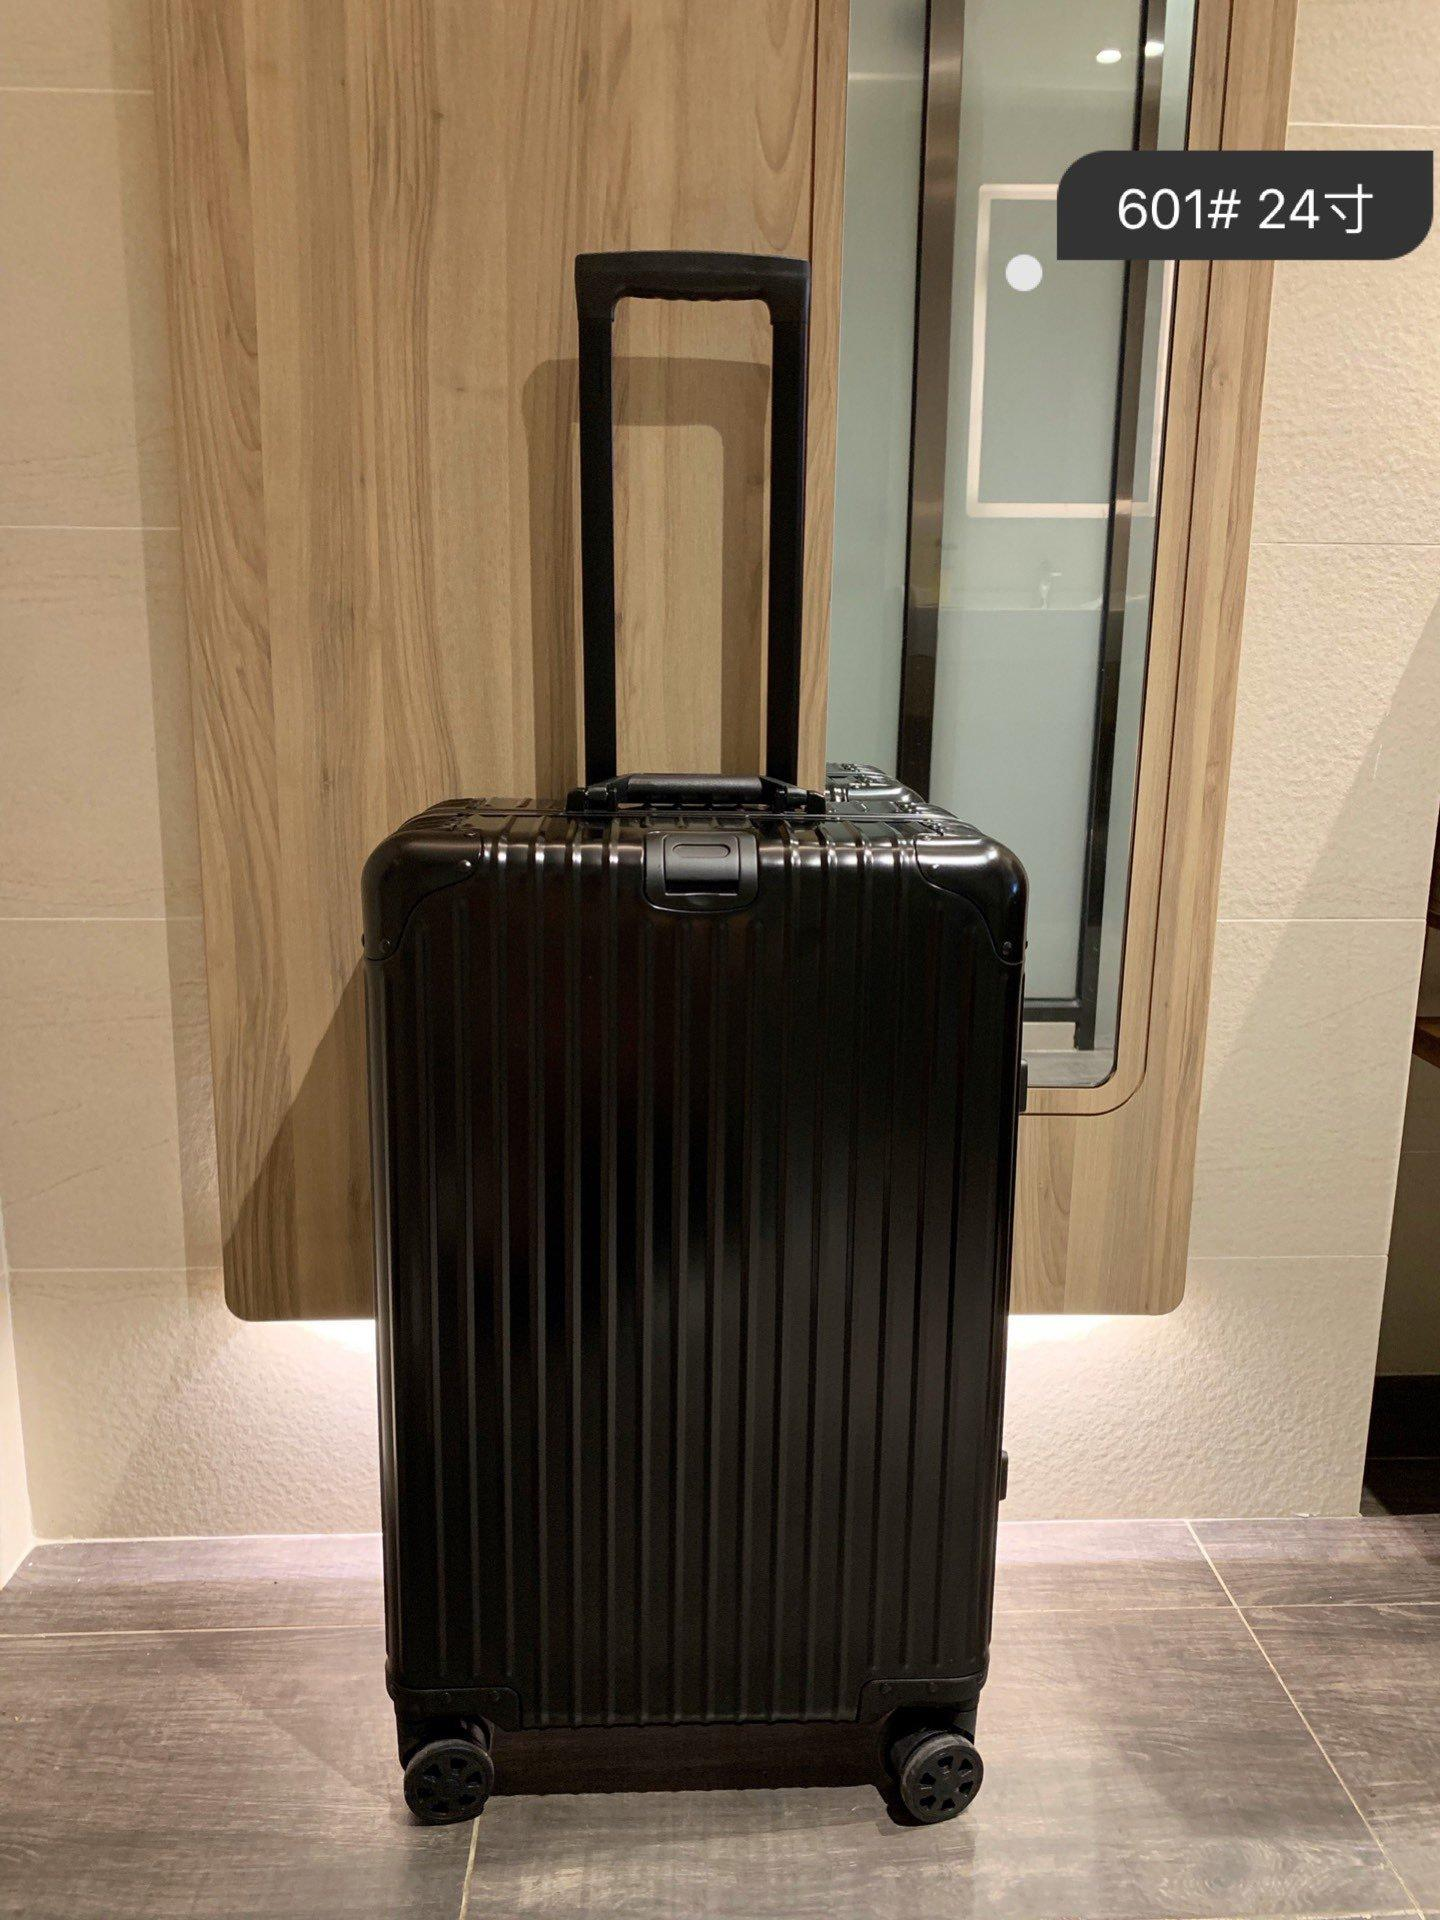 قفل جودة عالية PC مكافحة ارتداء الجمارك TSA المادي سميكة سبائك الألومنيوم حقيبة الزاوية سعة كبيرة حقيبة السفر حالة الهواء 24 بوصة